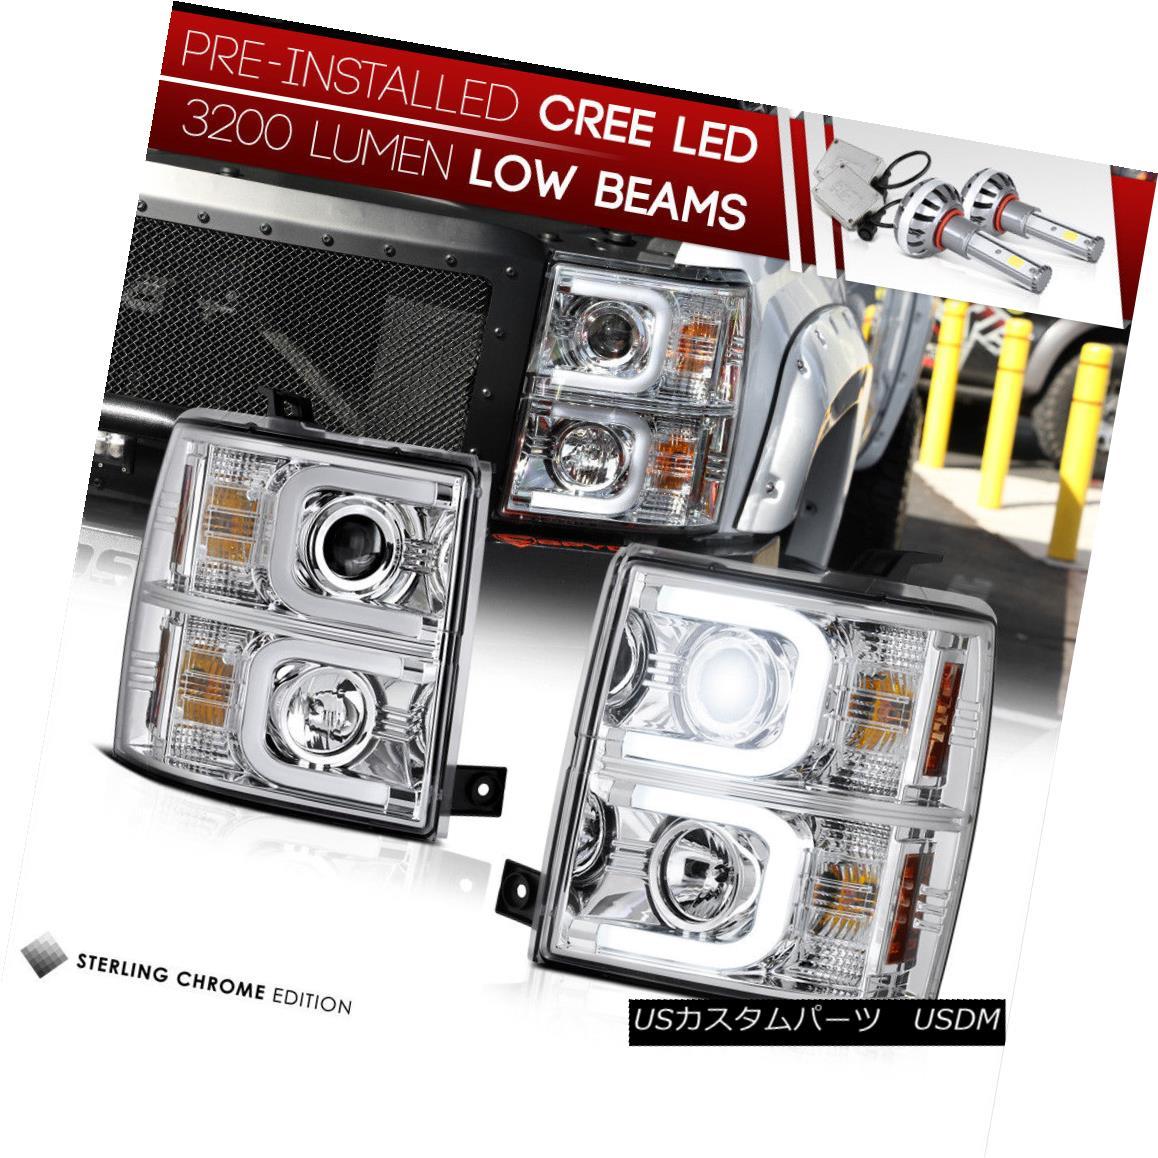 ヘッドライト [LED LOW BEAM] 2014-2015 Chevy Silverado Halo DRL Projector Headlights Headlamps [LED LOW BEAM] 2014-2015 Chevy Silverado Halo DRLプロジェクターヘッドライトヘッドランプ